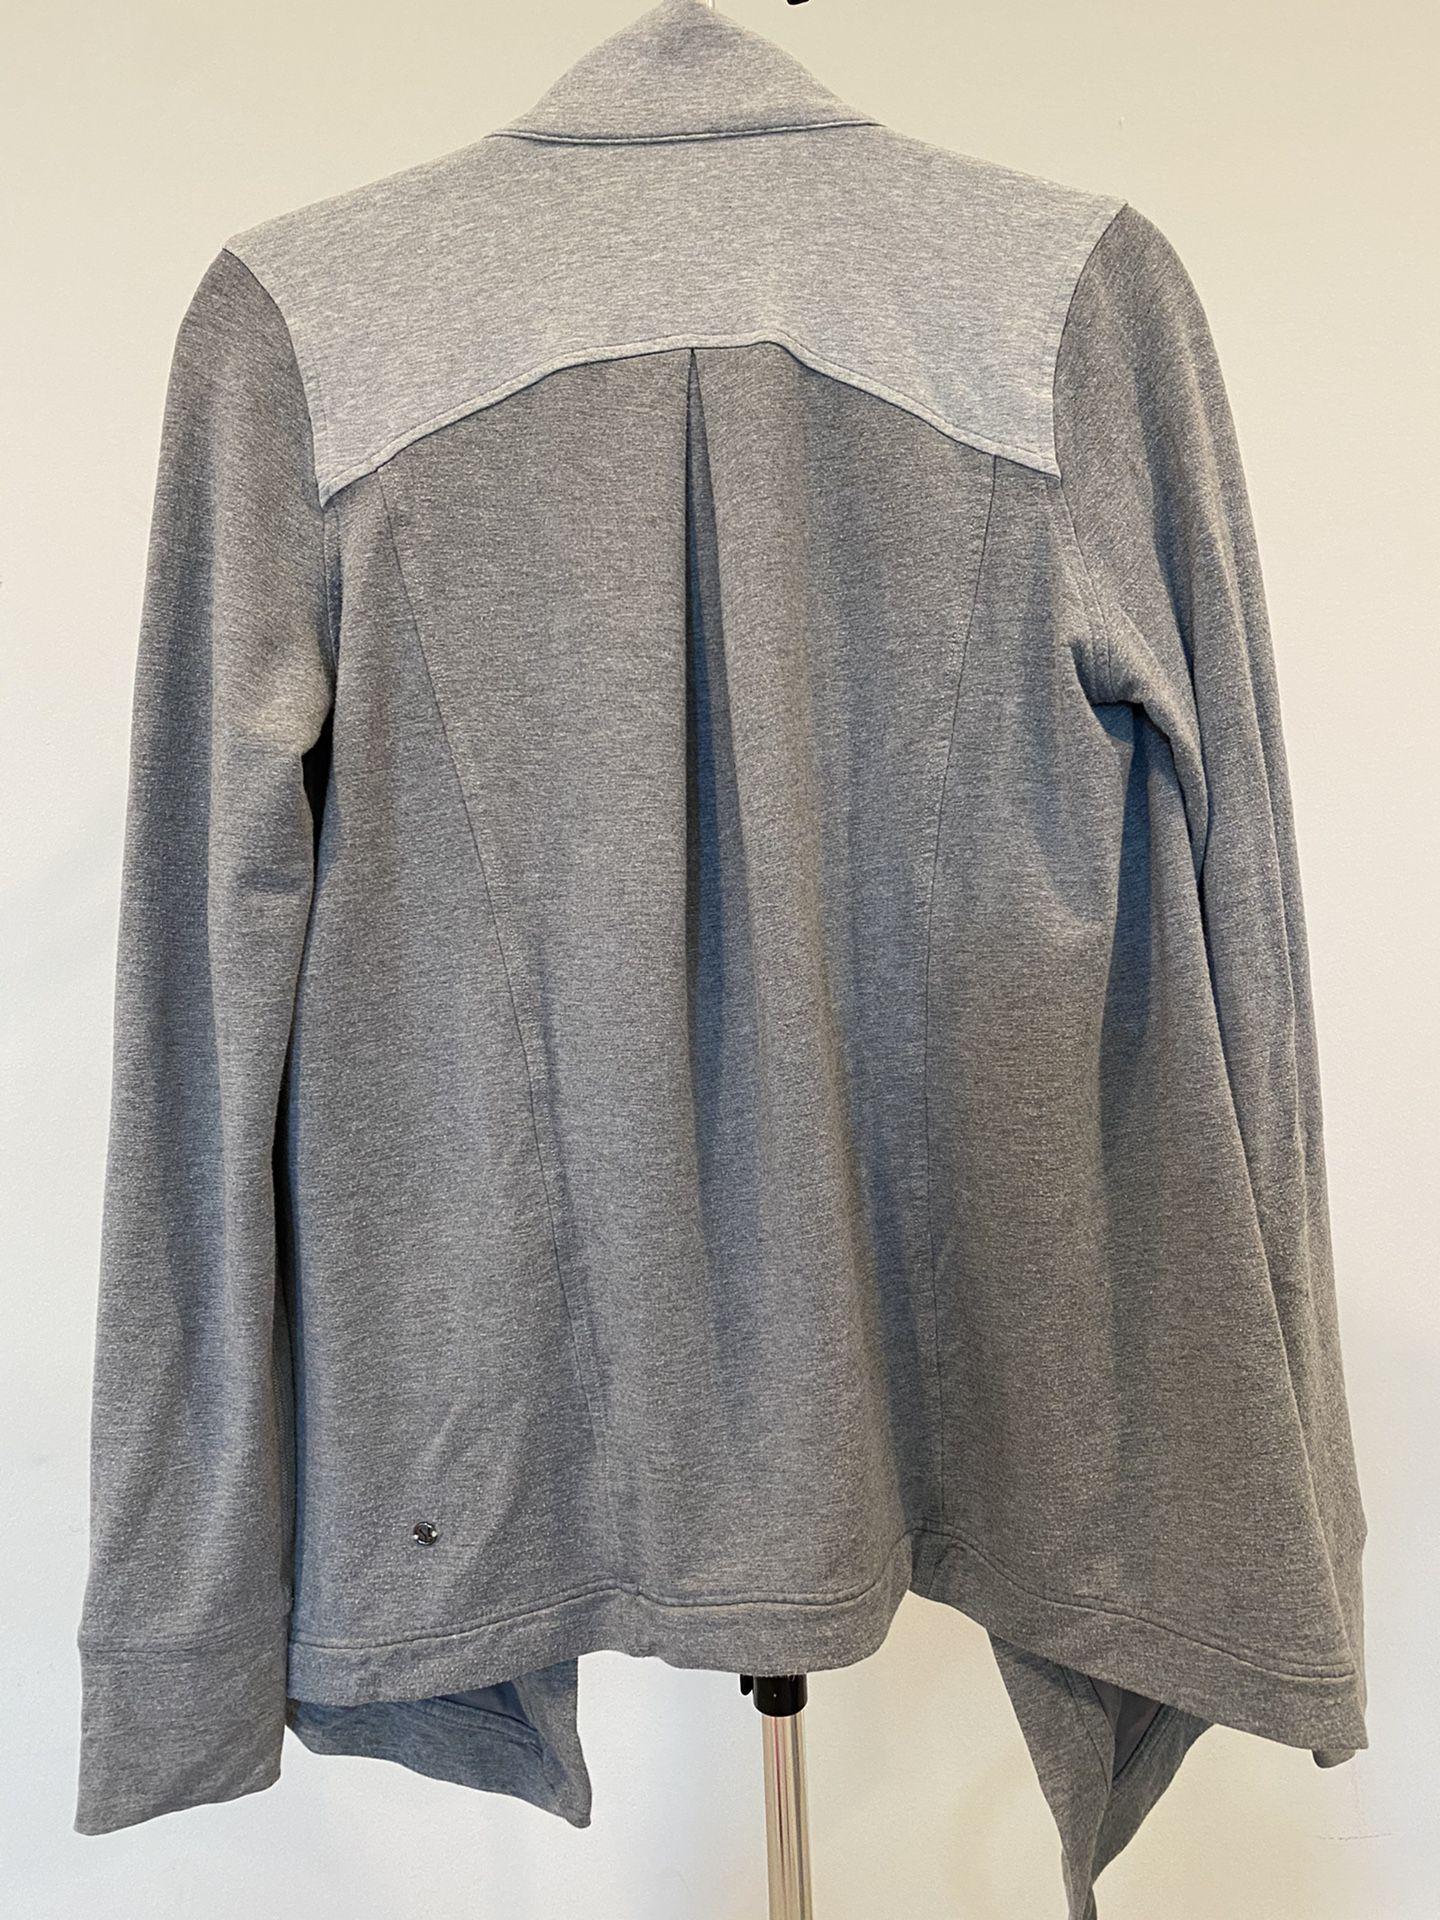 Lululemon Gray Wrap Sweater - Small